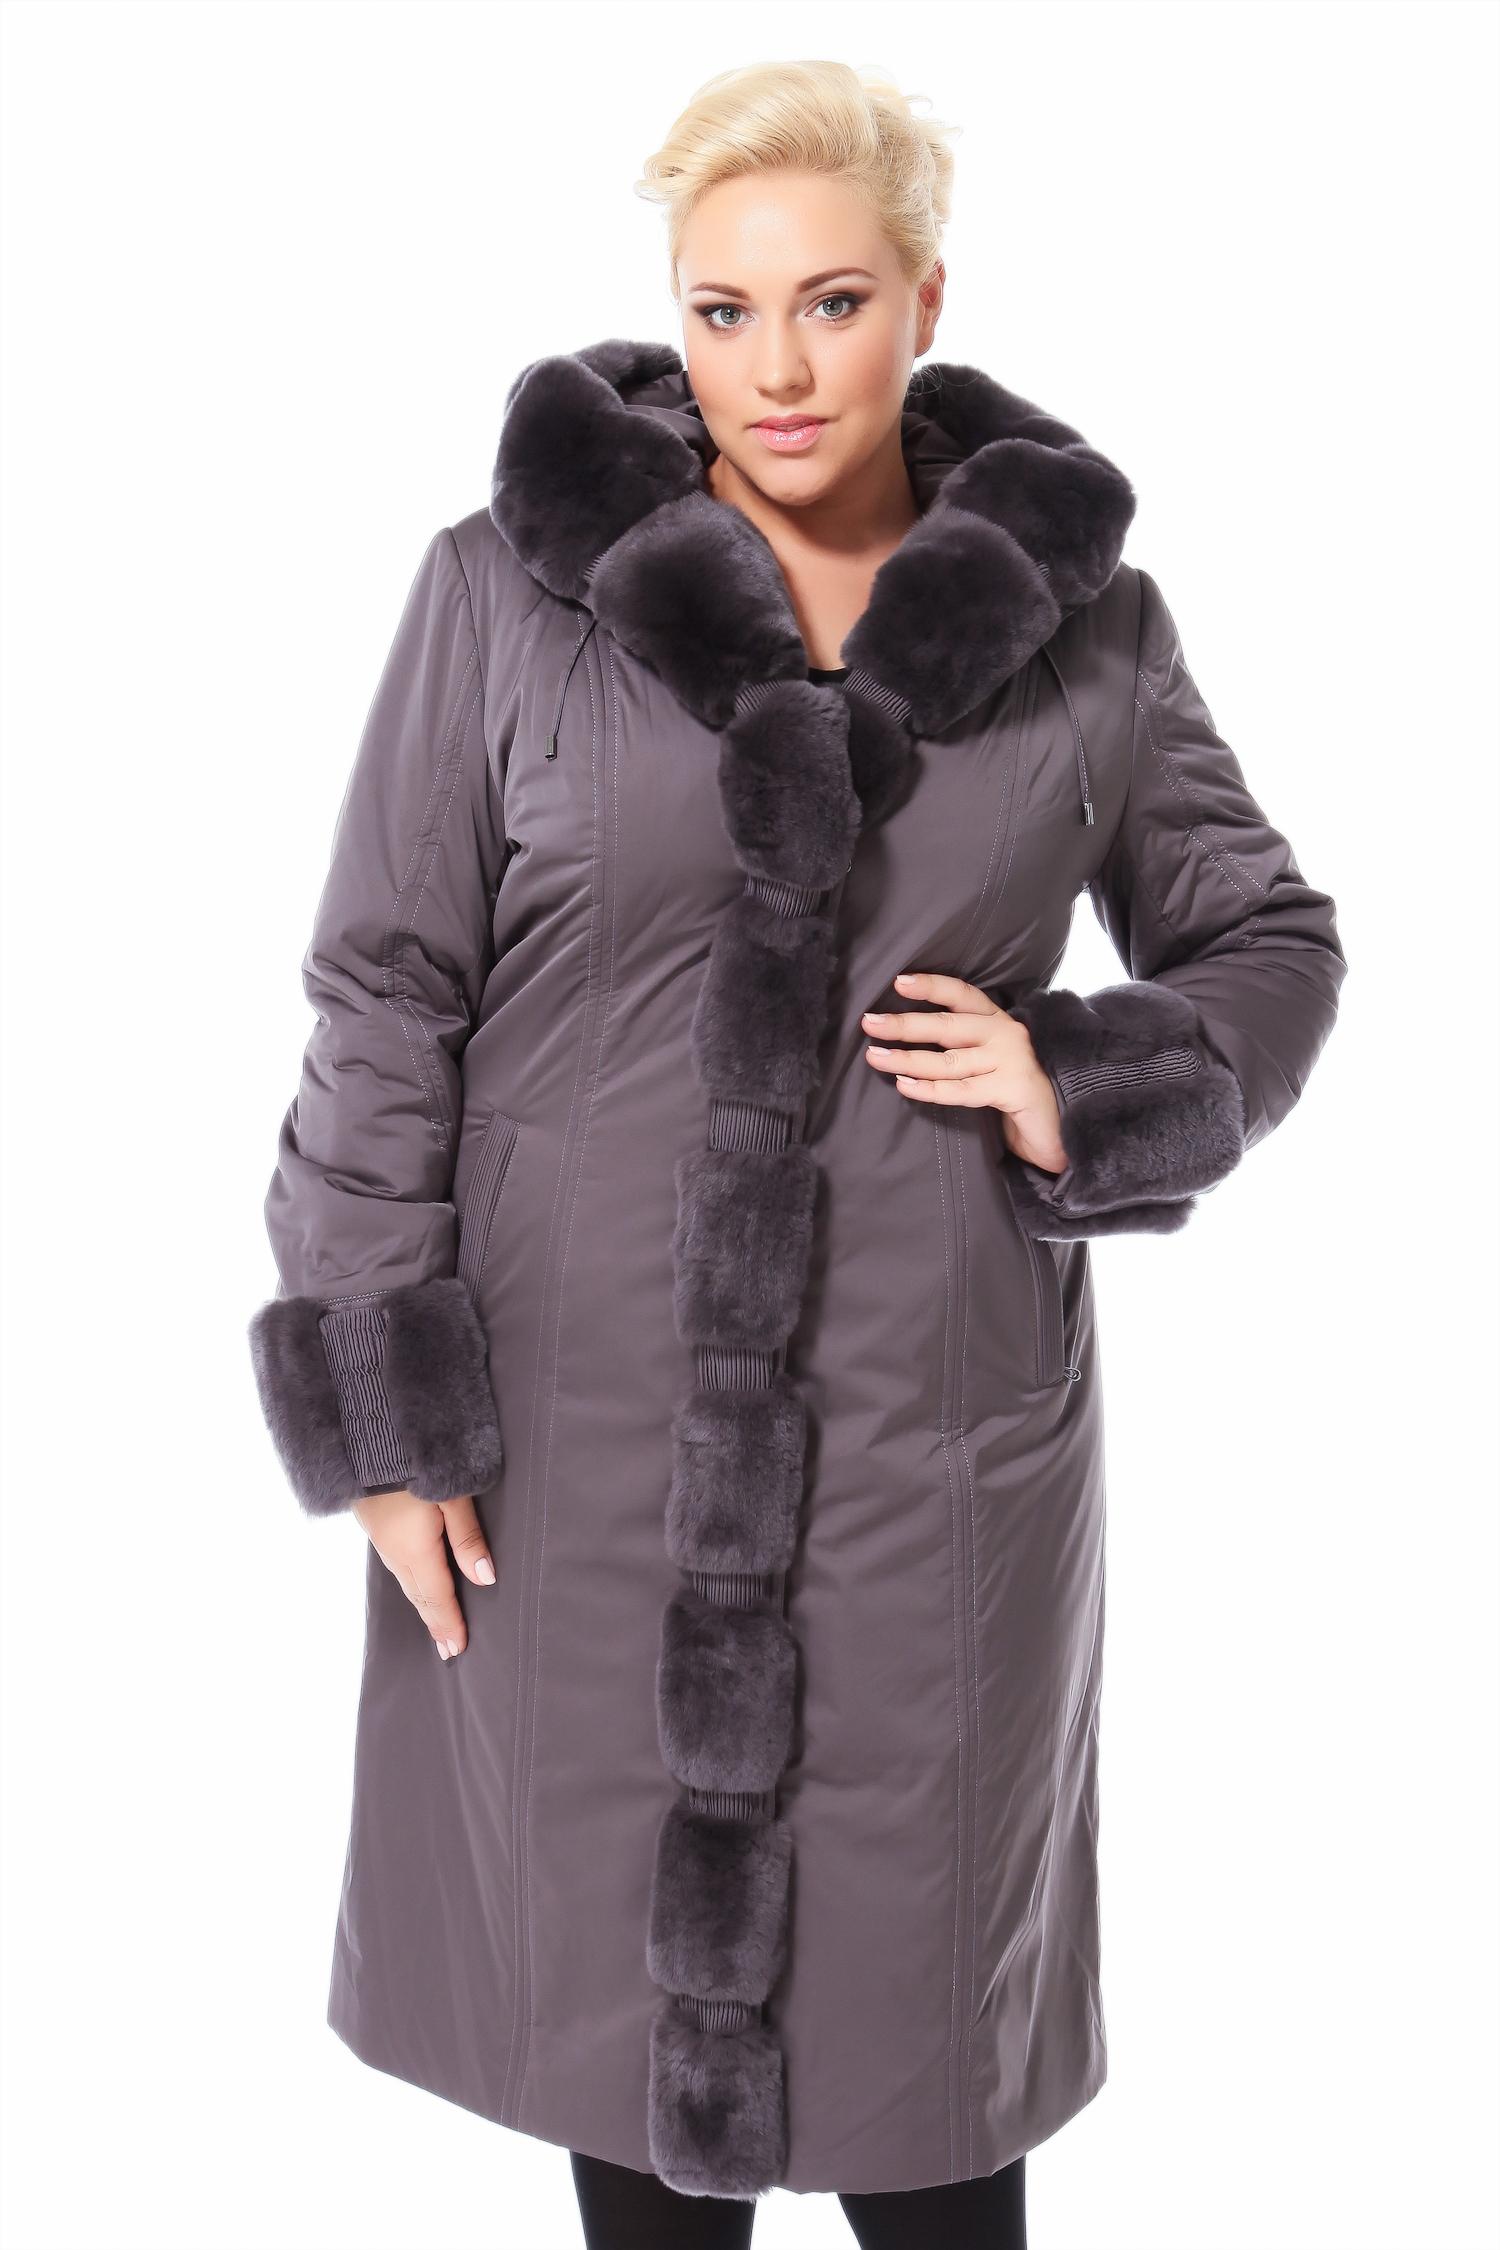 Пальто на меху с капюшоном, отделка кролик